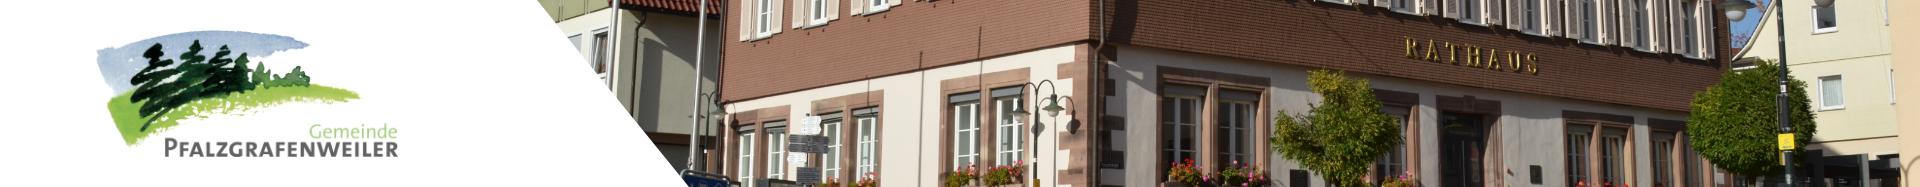 RSP Gemeinde Pfalzgrafenweiler